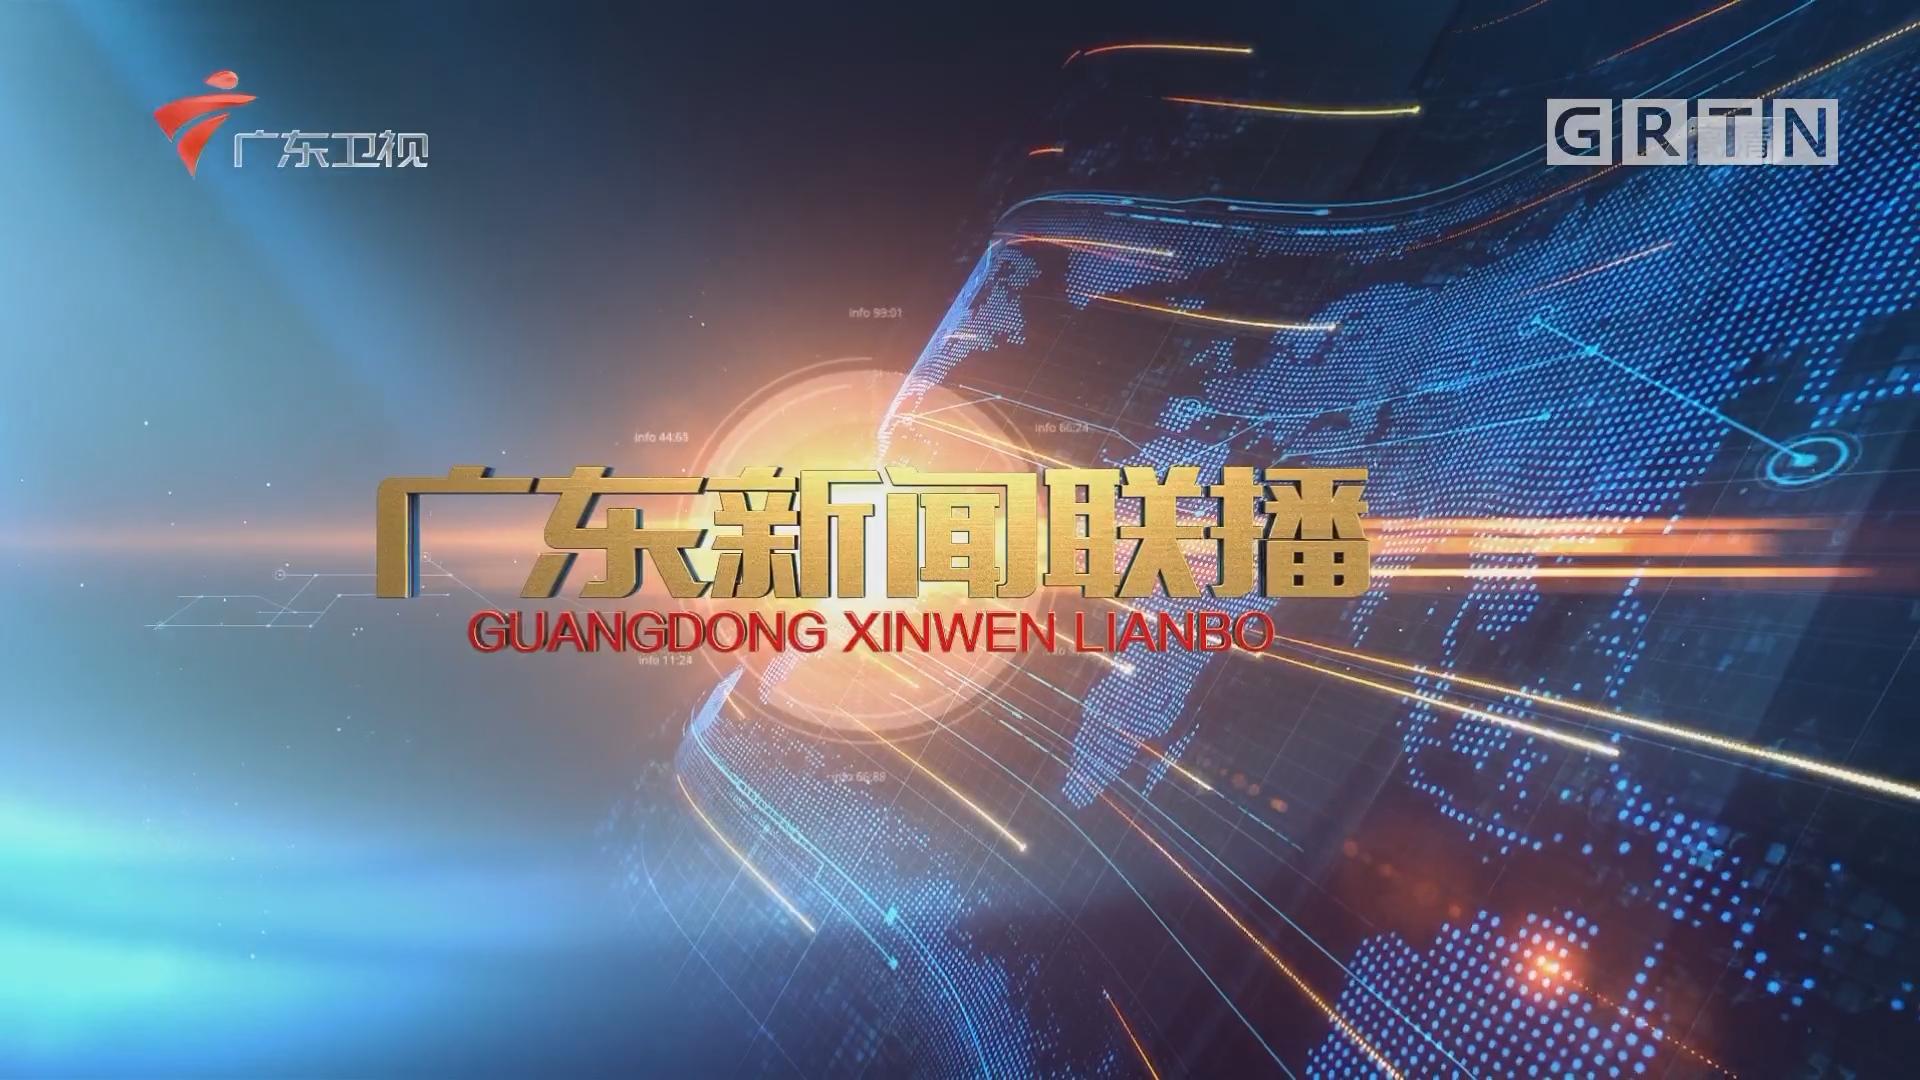 [HD][2018-02-23]广东新闻联播:艰苦奋斗再创业